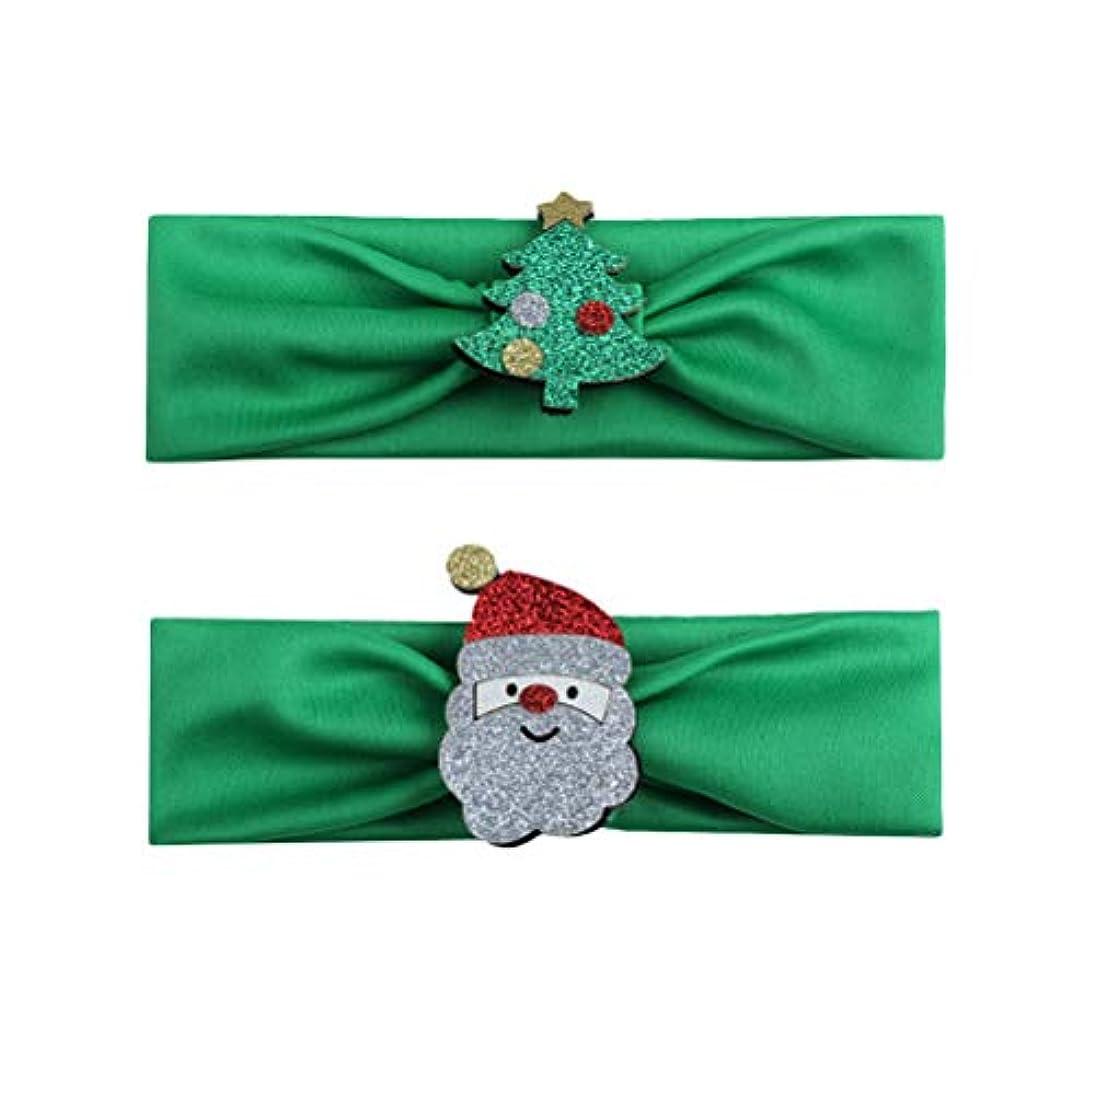 意志に反する変える輝くBESTOYARD 2本の赤ちゃんの少女クリスマスのヘッドバンド、クリスマスツリーサンタクロースの幼児ヘアバンドアクセサリー(グリーン)